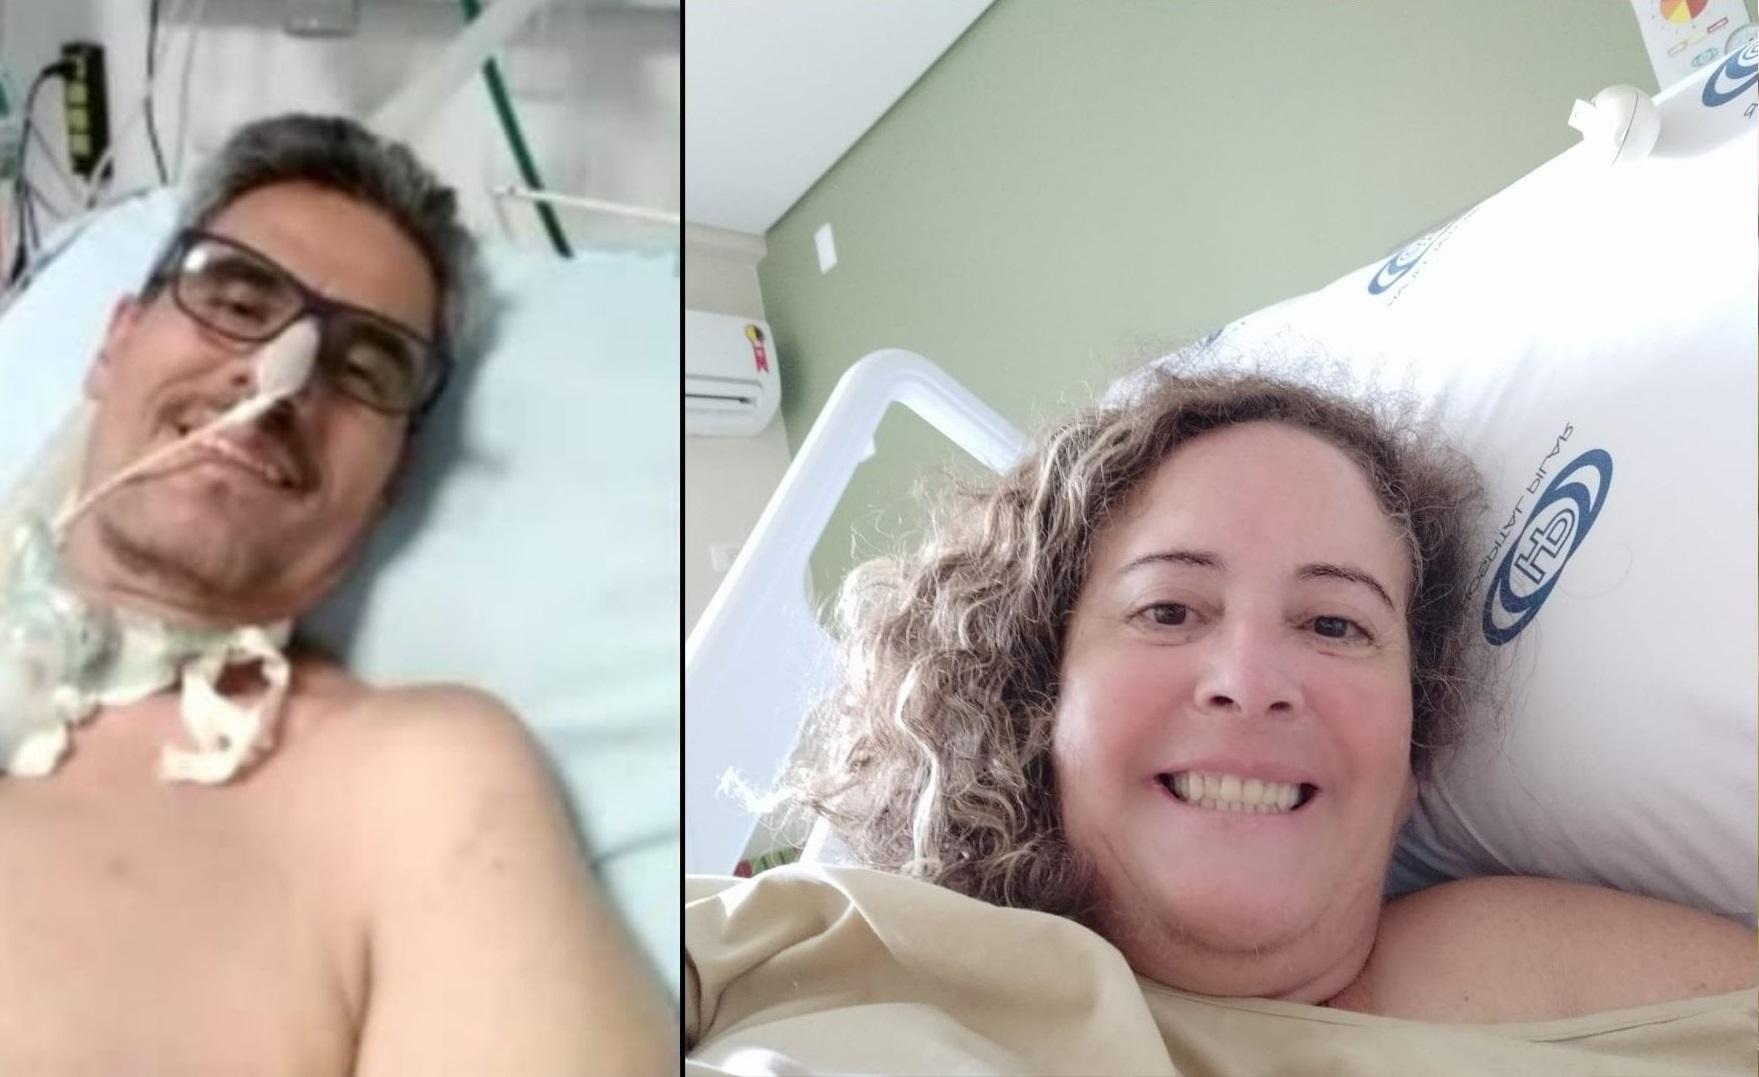 Giovani passou 32 dias na Unidade de Terapia Intensiva (UTI), enquanto Rosangela permaneceu 20 dias internada. Fotos: Arquivo pessoal